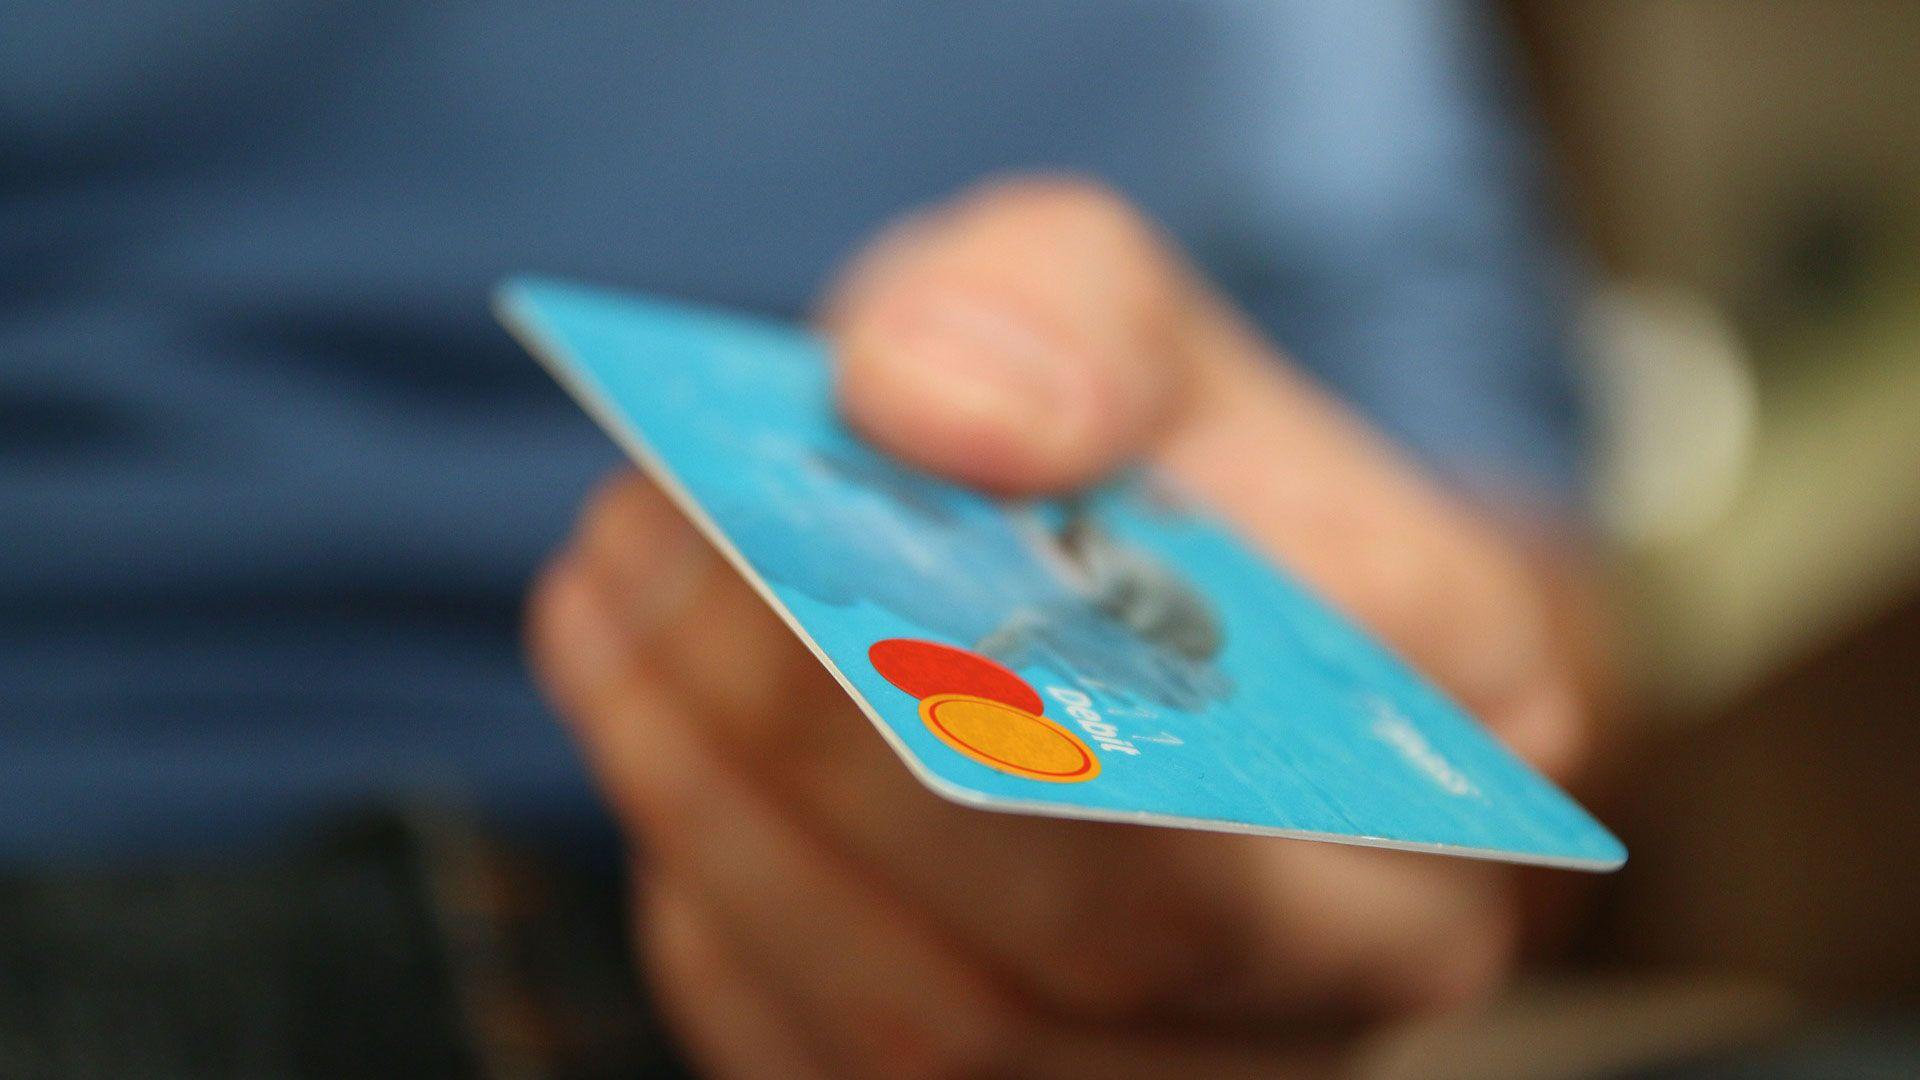 MUP: Čuvajte se lažnih poruka o neovlaštenom pristupu kreditnim karticama